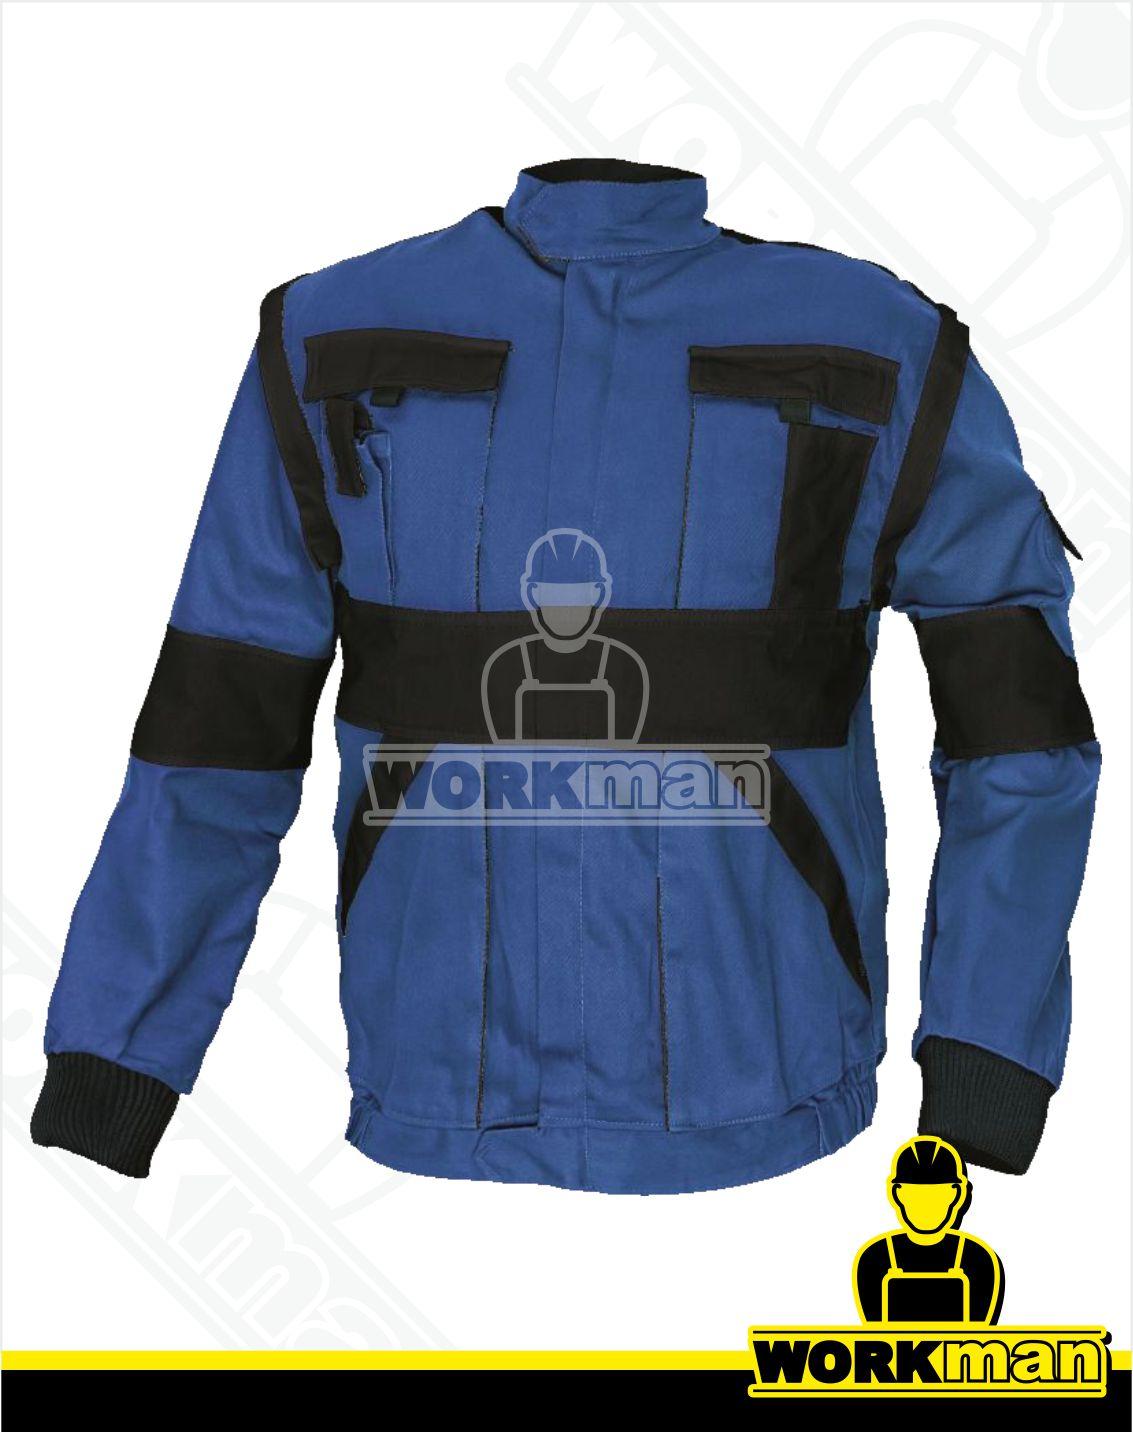 Monterková blúza MAX 2v1 Červa Pracovné odevy Workman 0c17582ec0